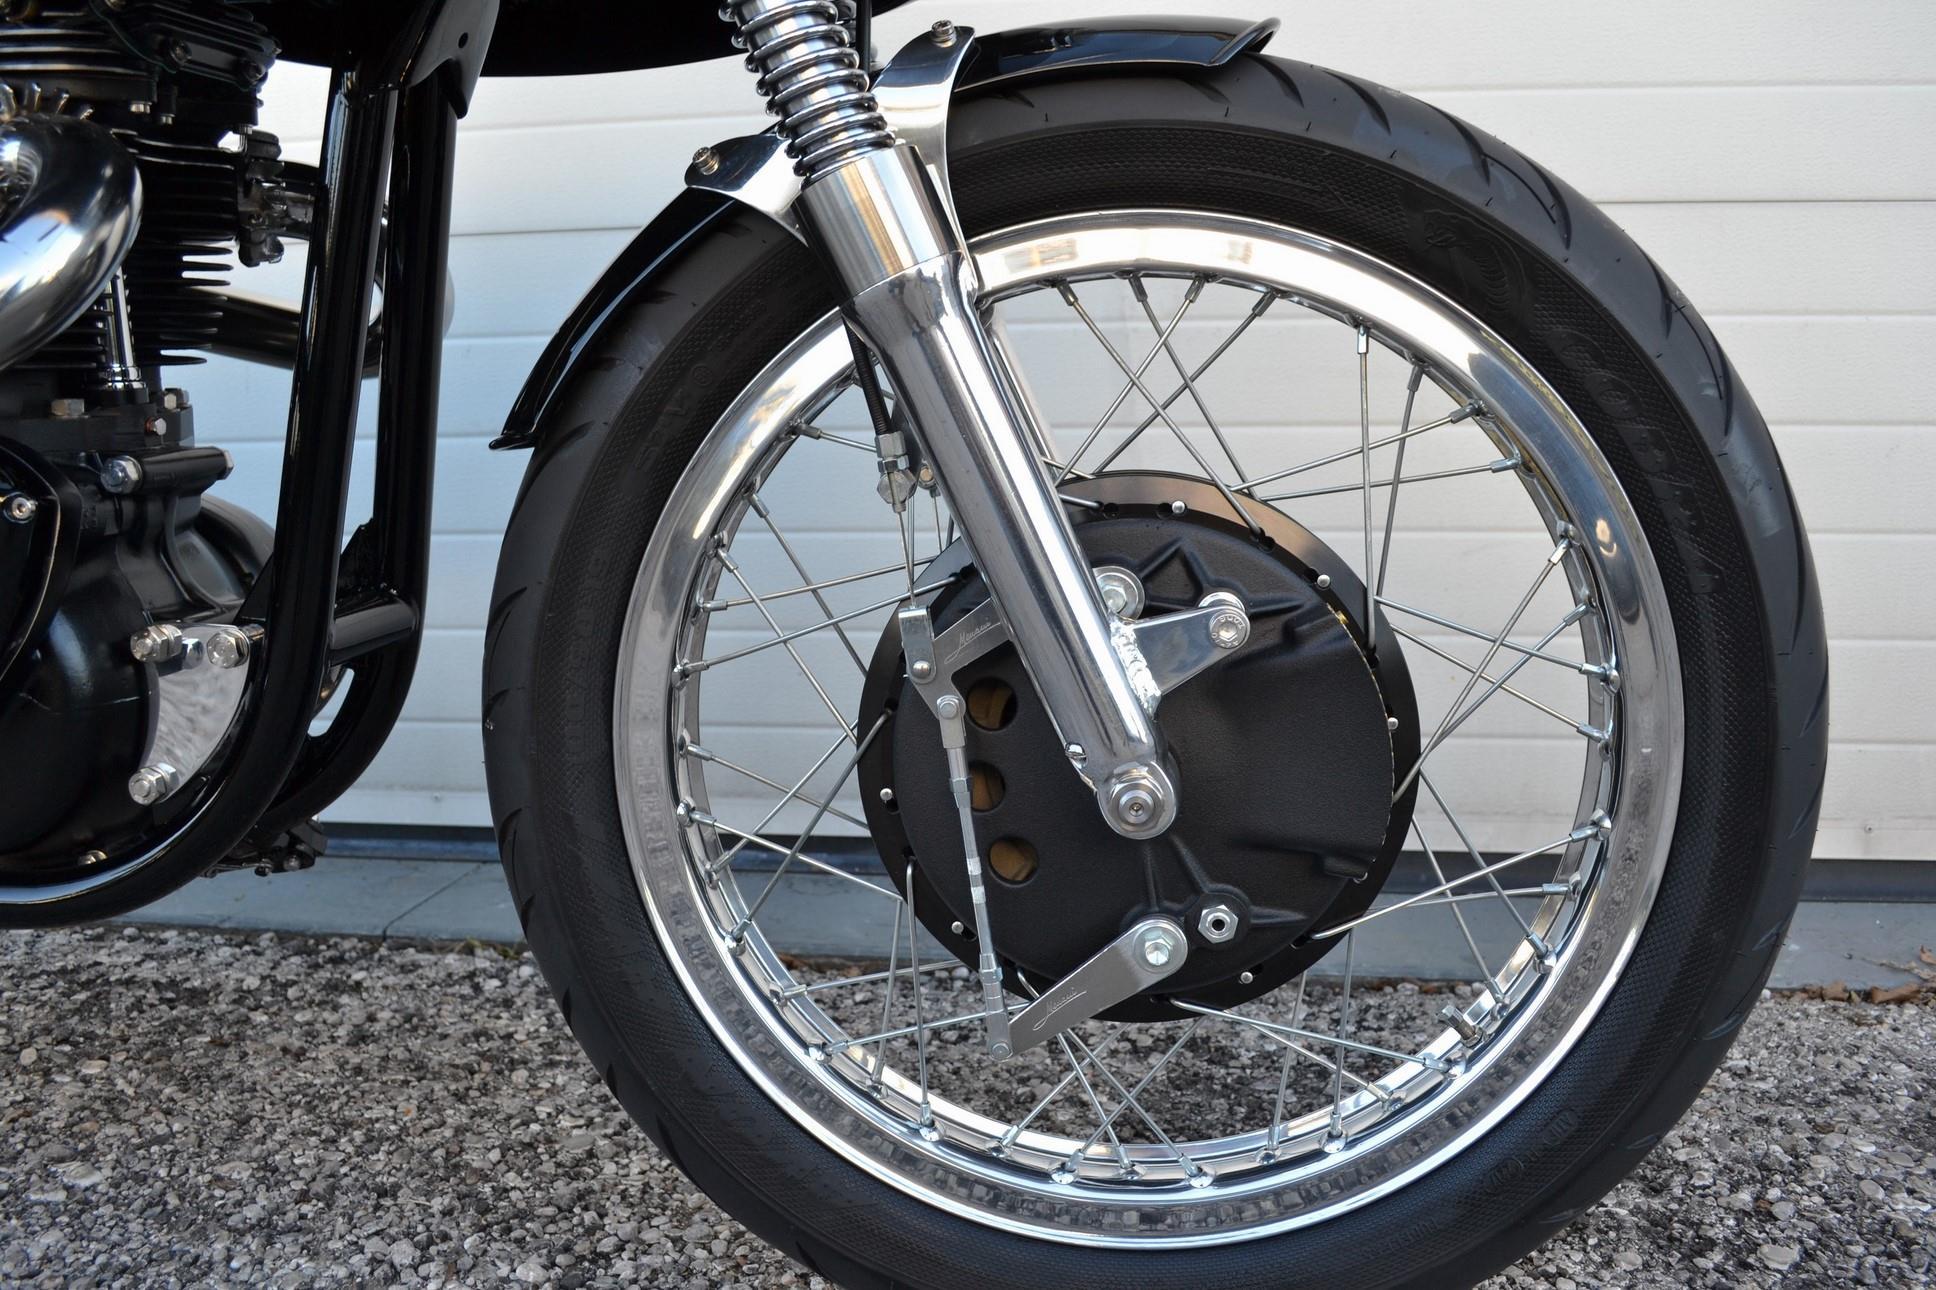 Triton CR650 Special by Stile Italiano